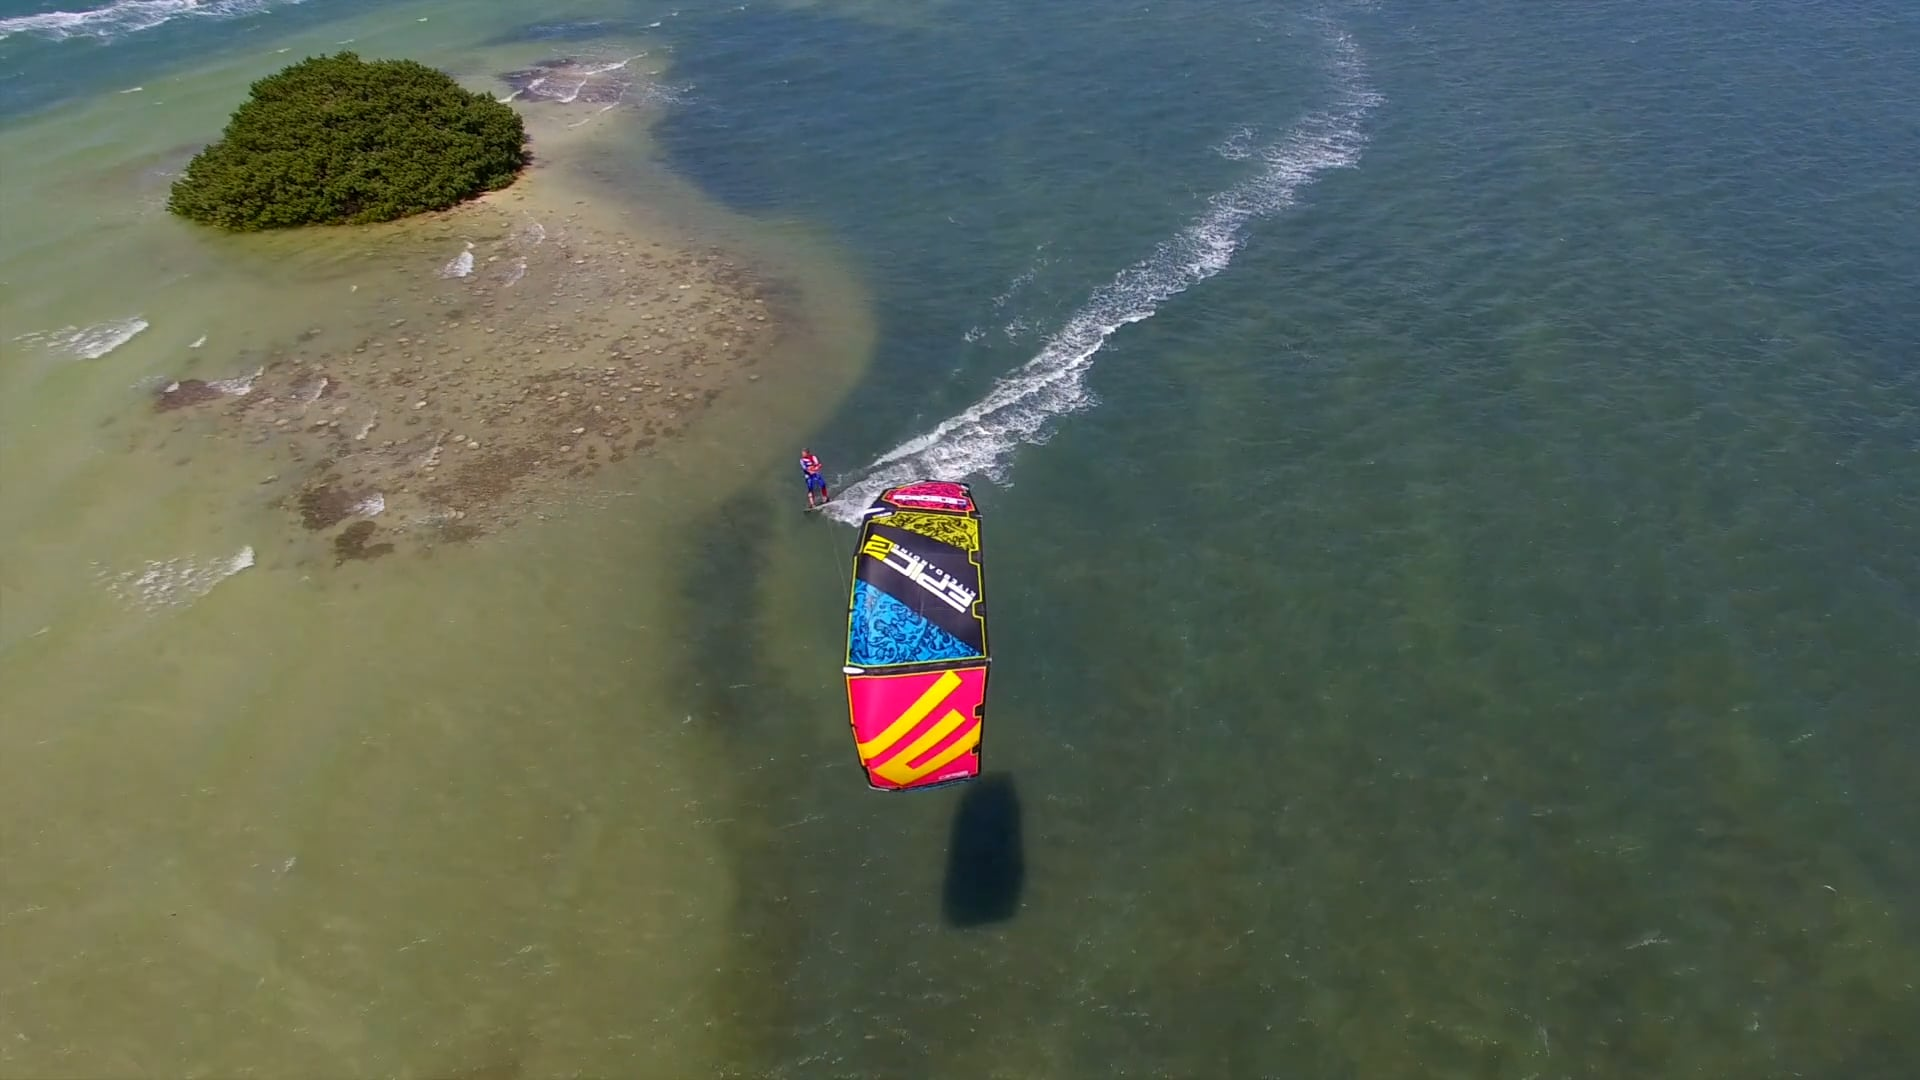 Non stop Kitesurfing - with Epic Kites Kiteboarding